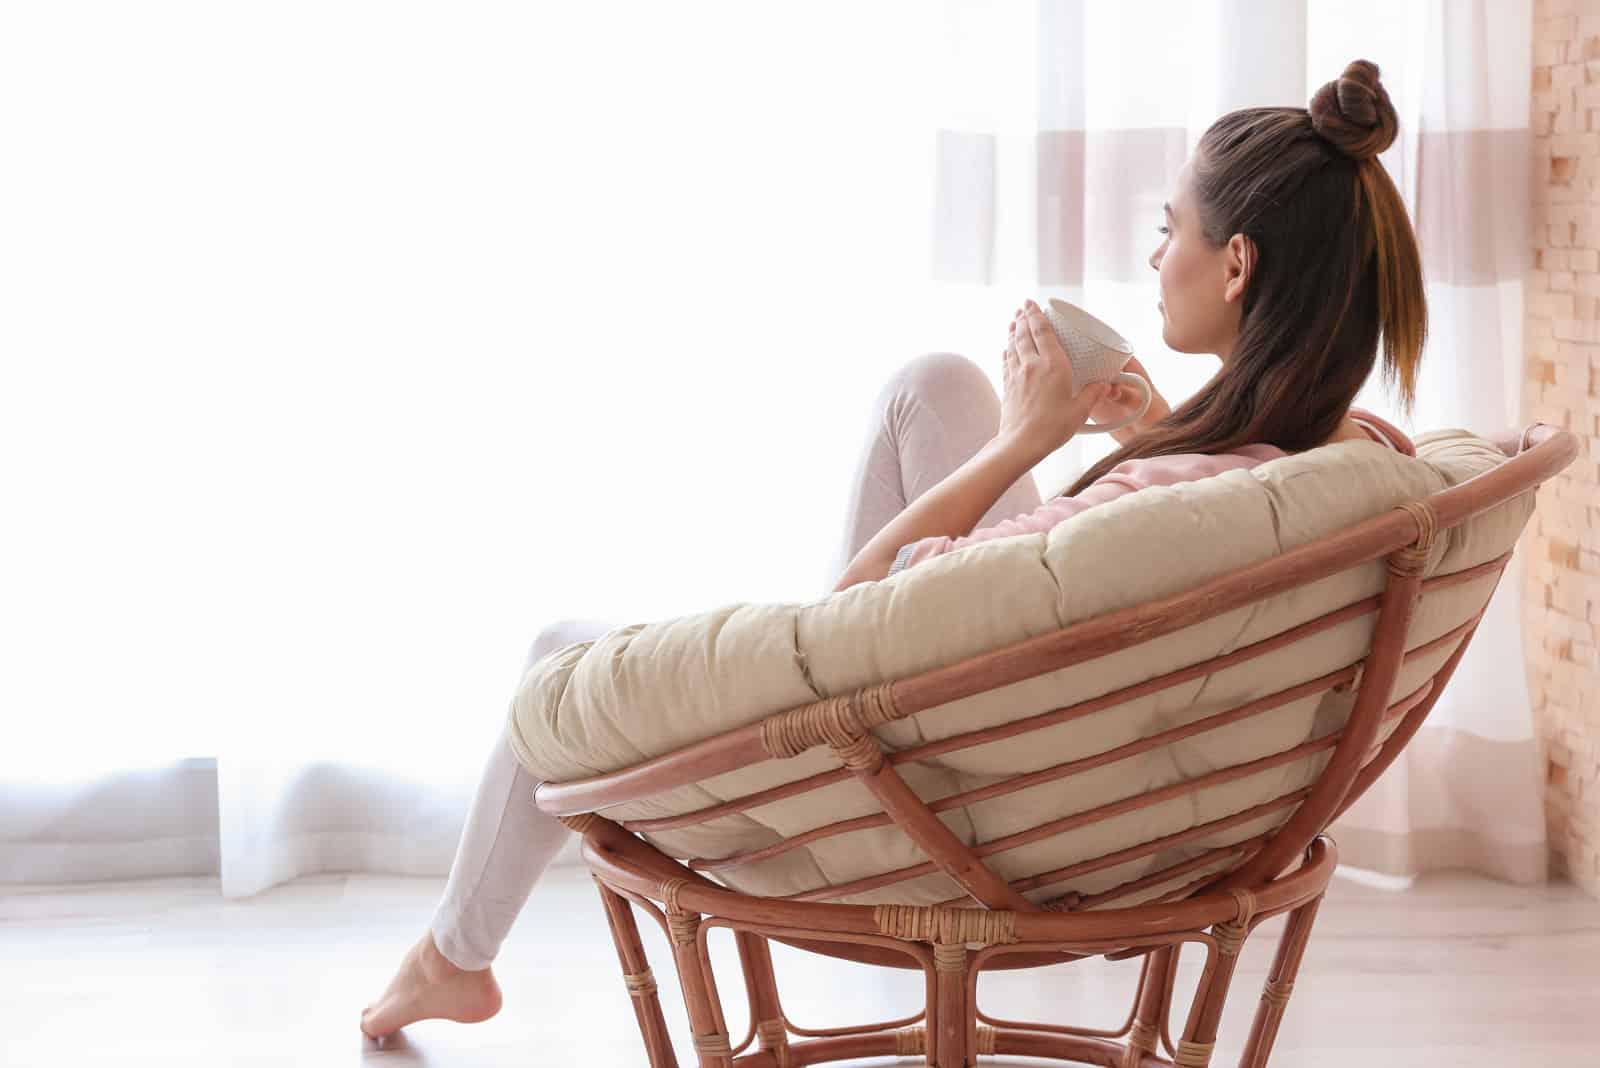 eine imaginäre Frau, die auf einem Stuhl sitzt, Kaffee trinkt und aus dem Fenster schaut